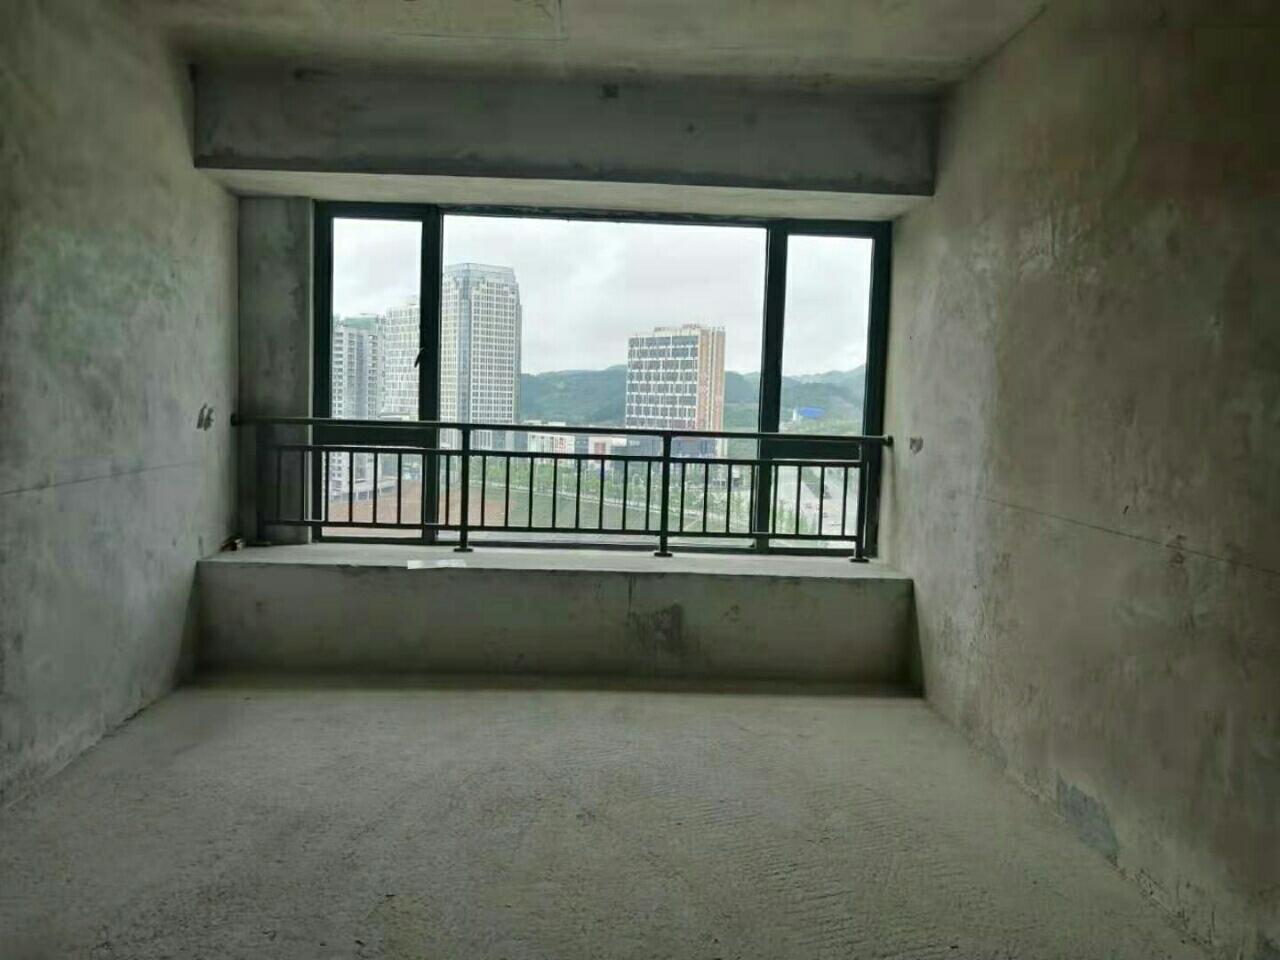 开阳新天地2室 2厅 1卫34.8万元